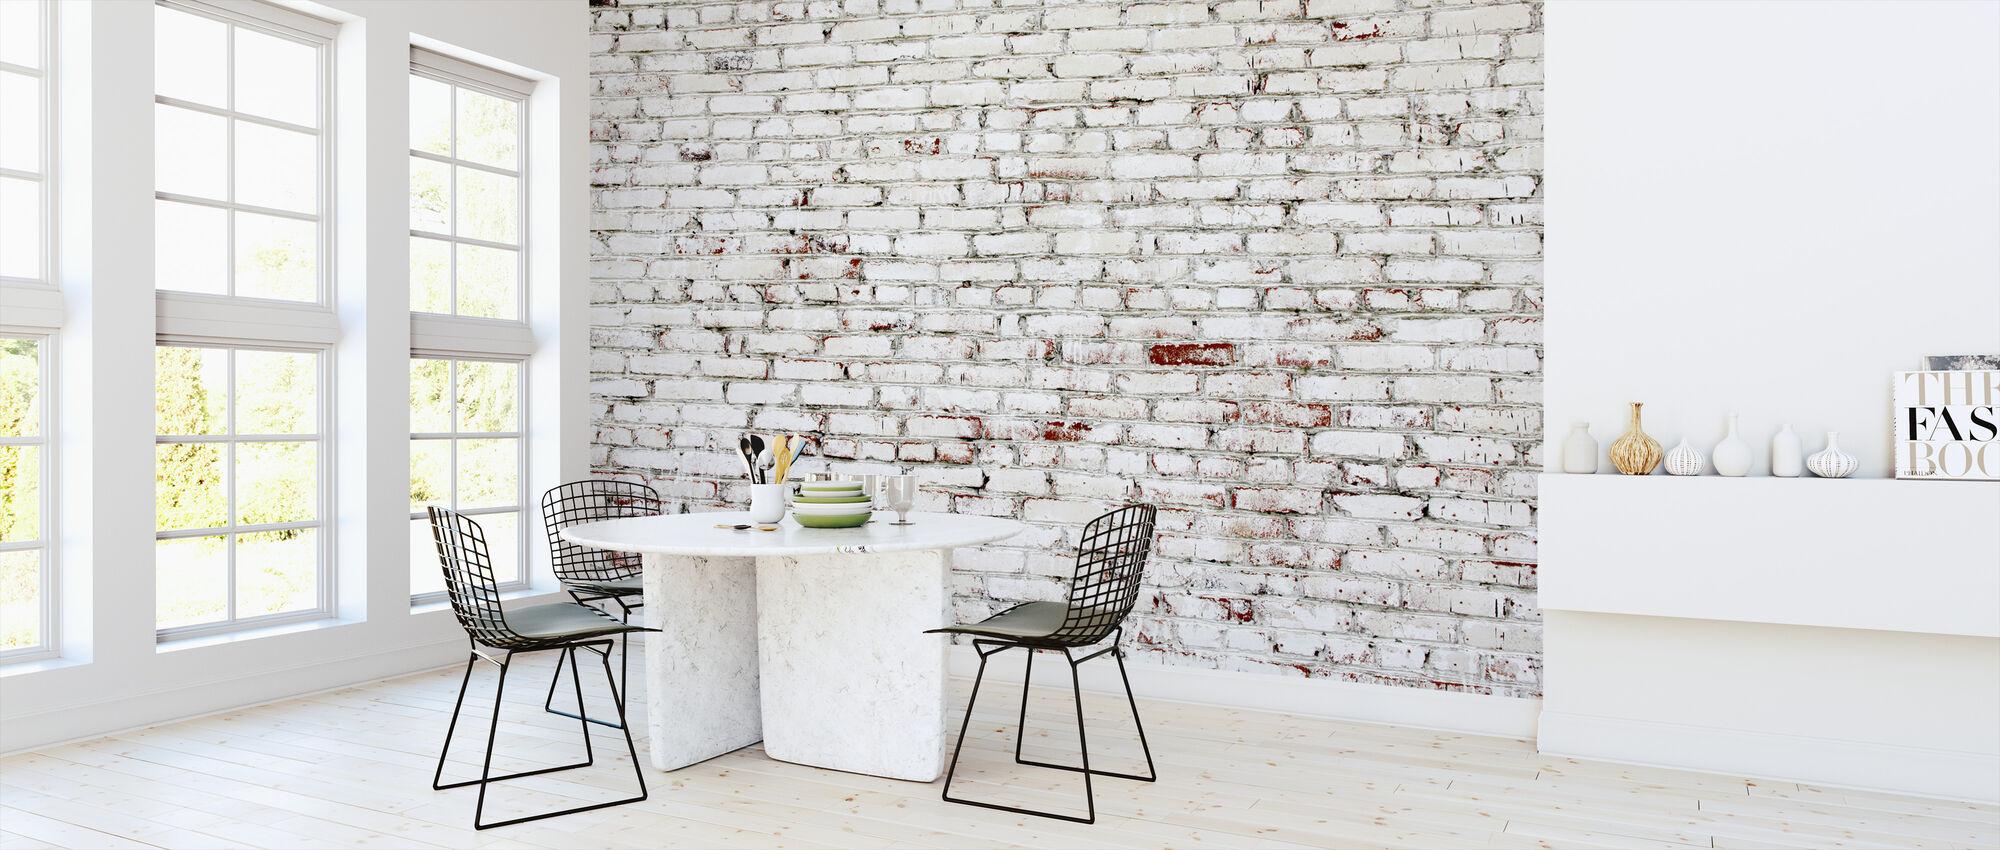 Gamla tegelvägg med vita och röda tegelstenar - Tapet - Kök